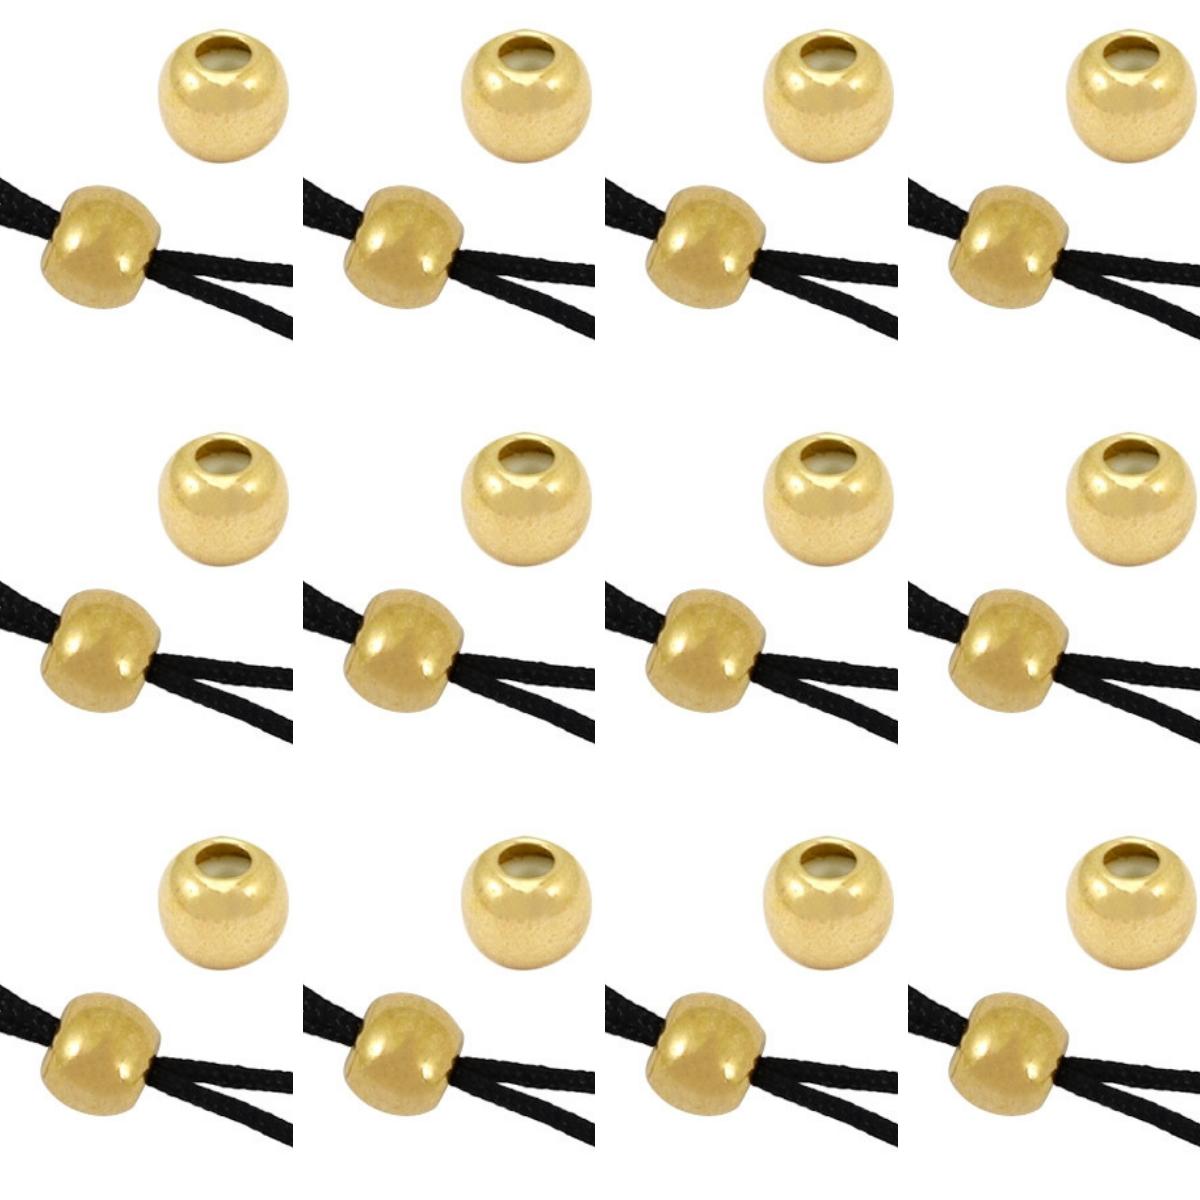 Armband Verschluss Perlen zum auf- und zuziehen, 12 Stück Farbe wählbar